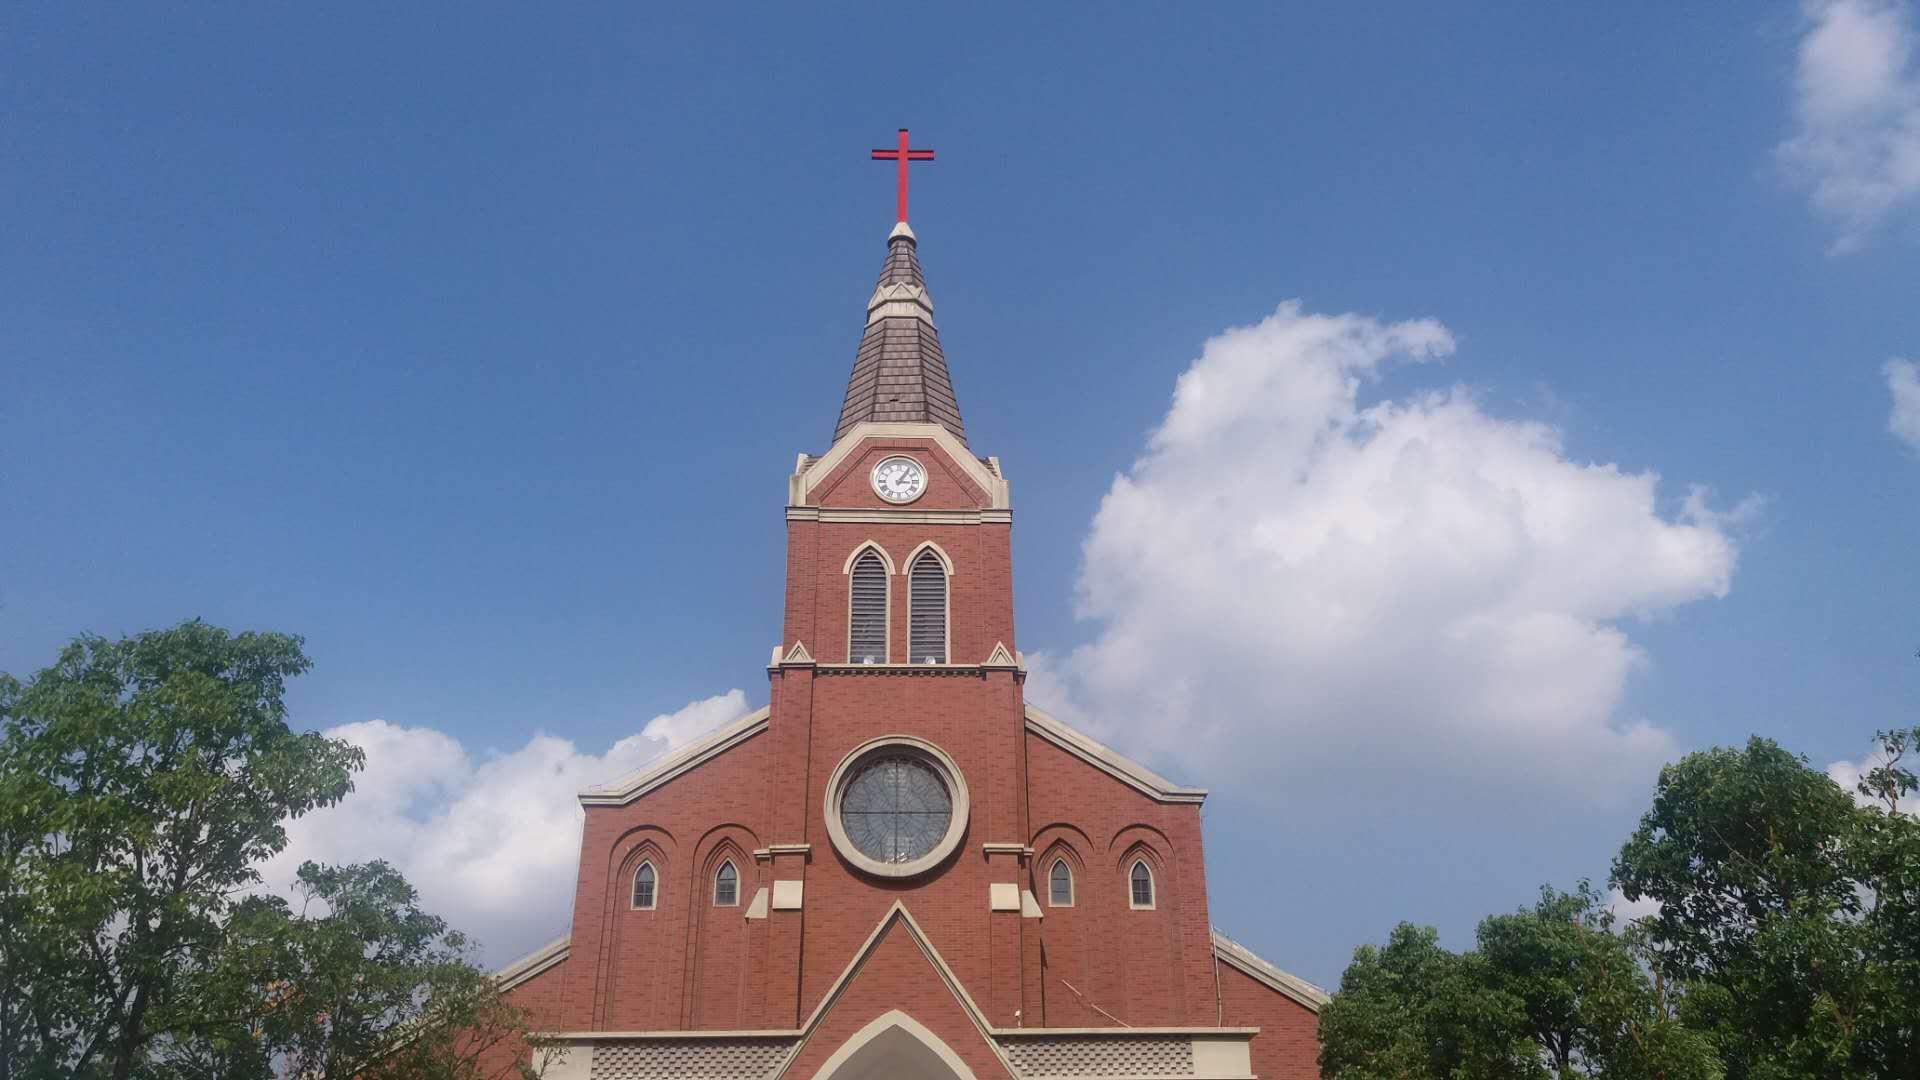 建筑景观钟 建筑挂钟 南京钟厂 历史悠久闻名遐迩